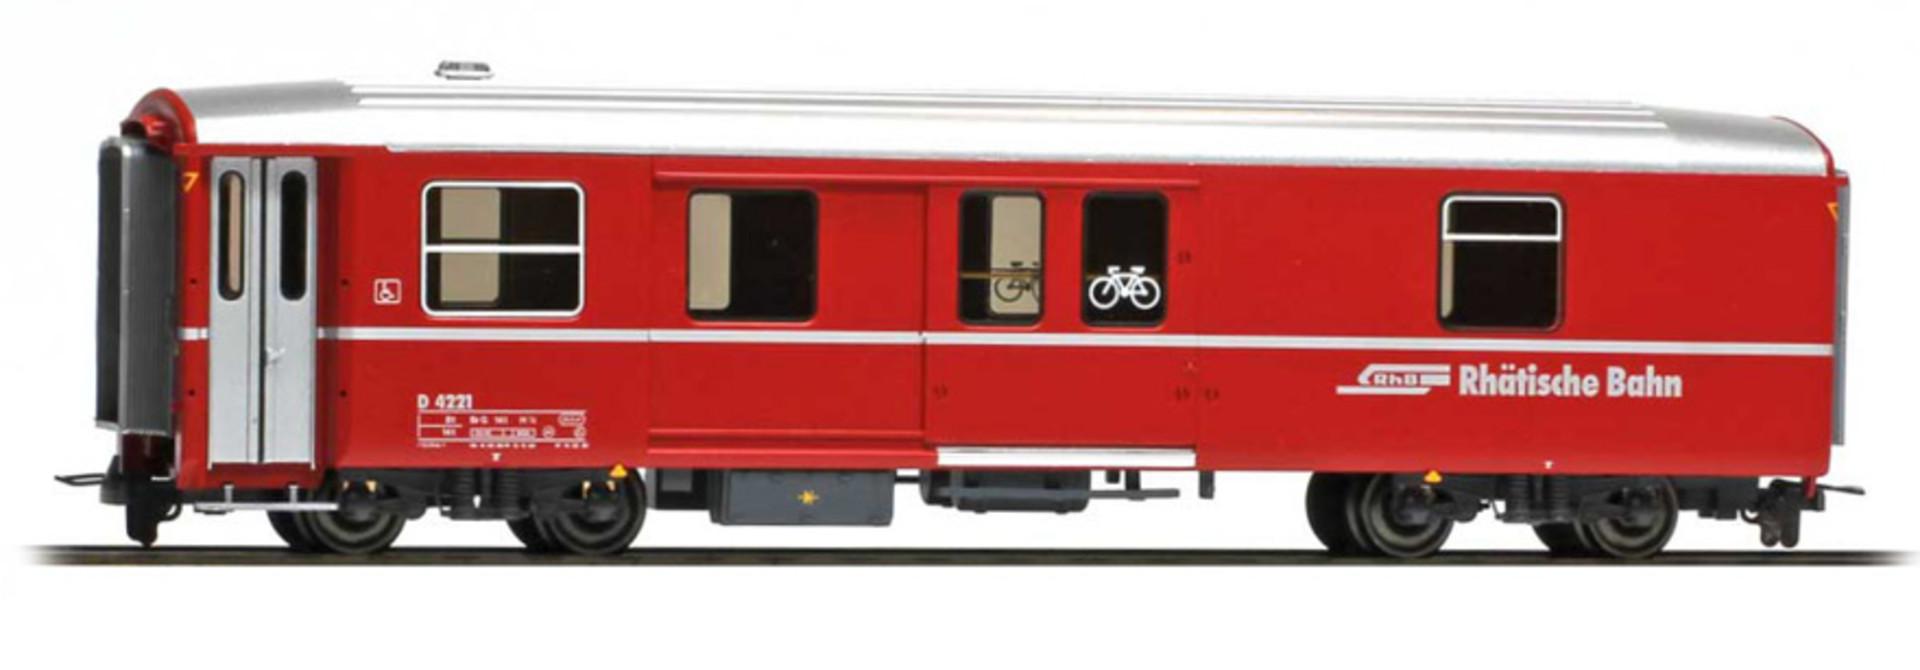 3270131 RhB D 4221 Packwagen